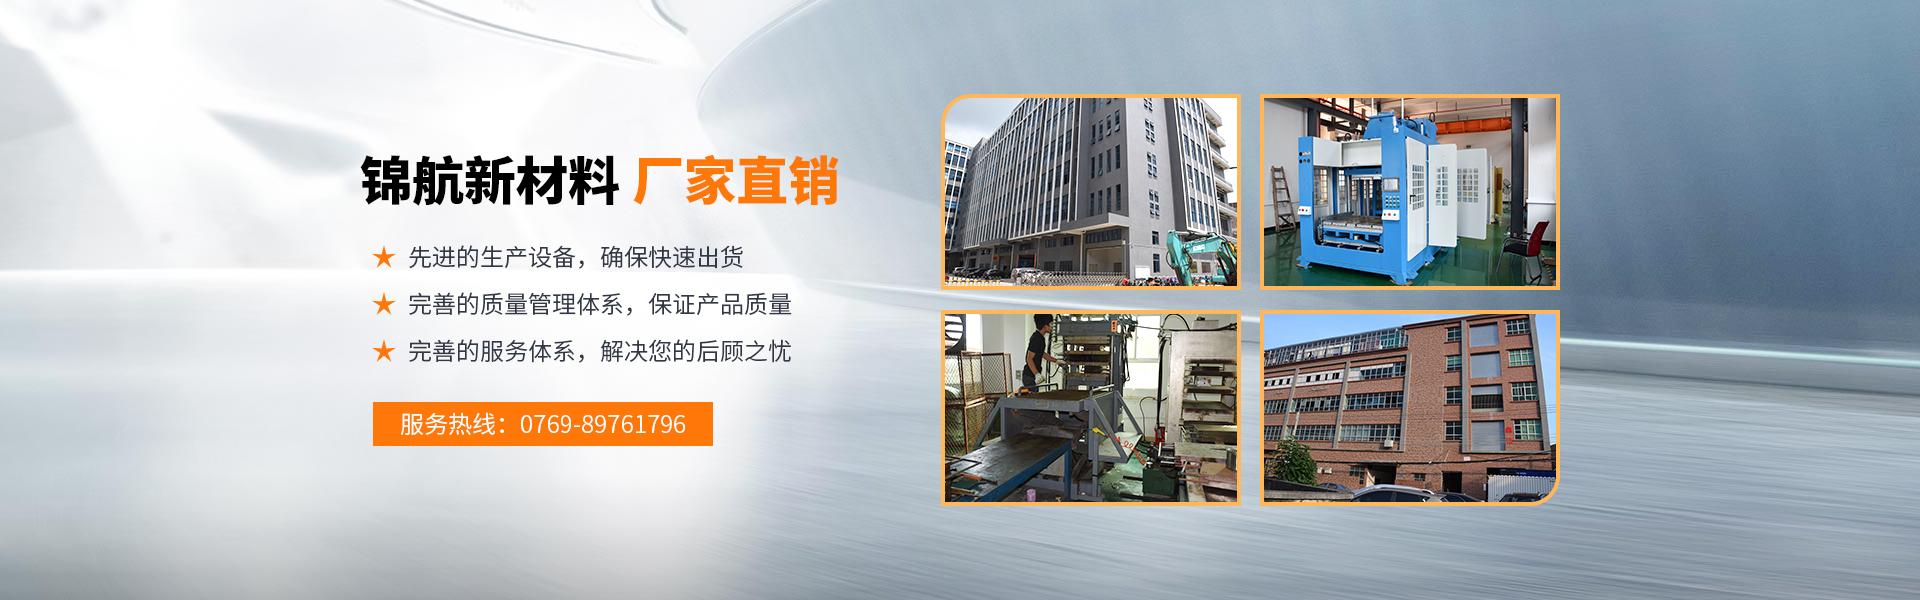 碳纤维材料厂家